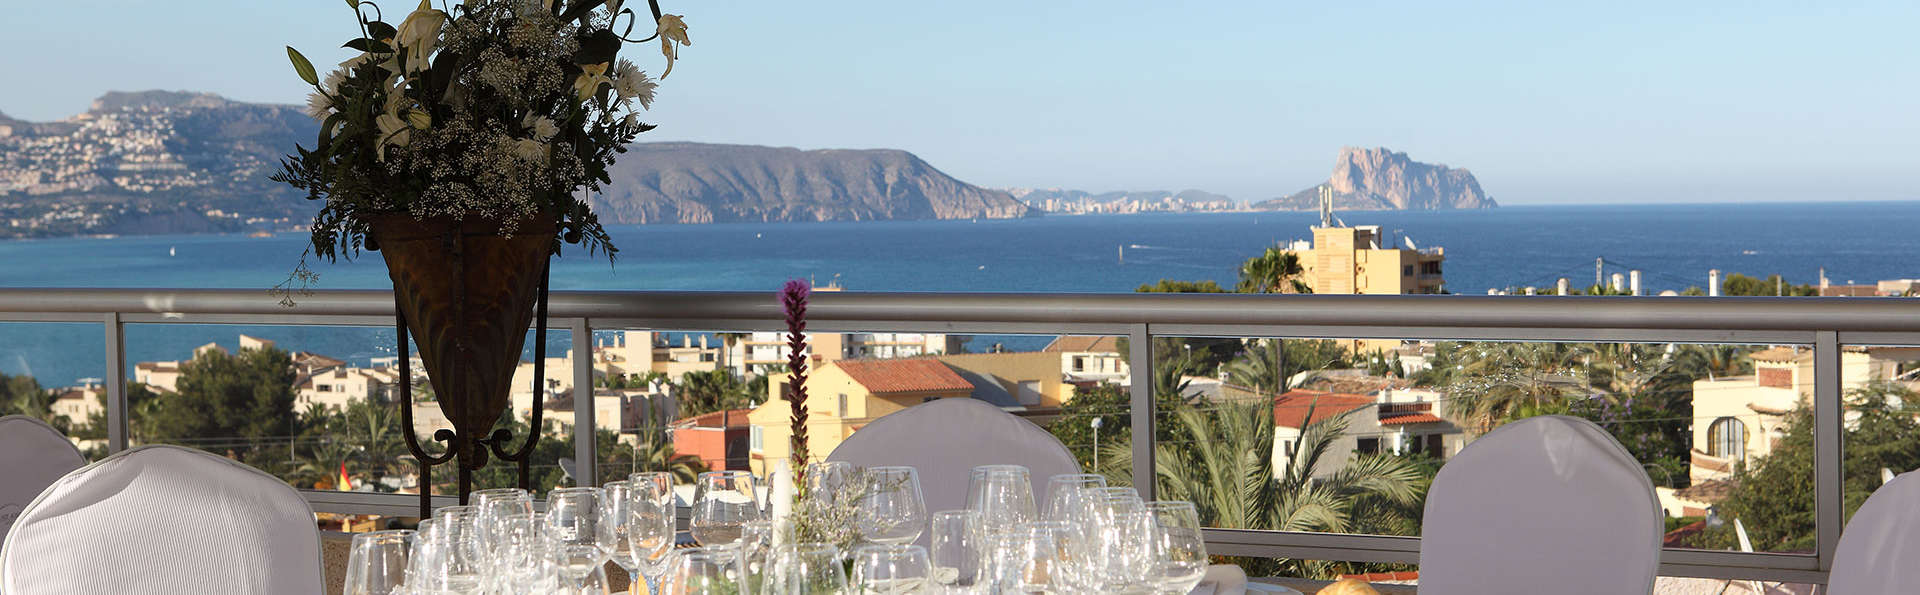 Escapade estivale à Albir: dîner pour deux avec vue sur la piscine et 90 minutes d'accès au spa